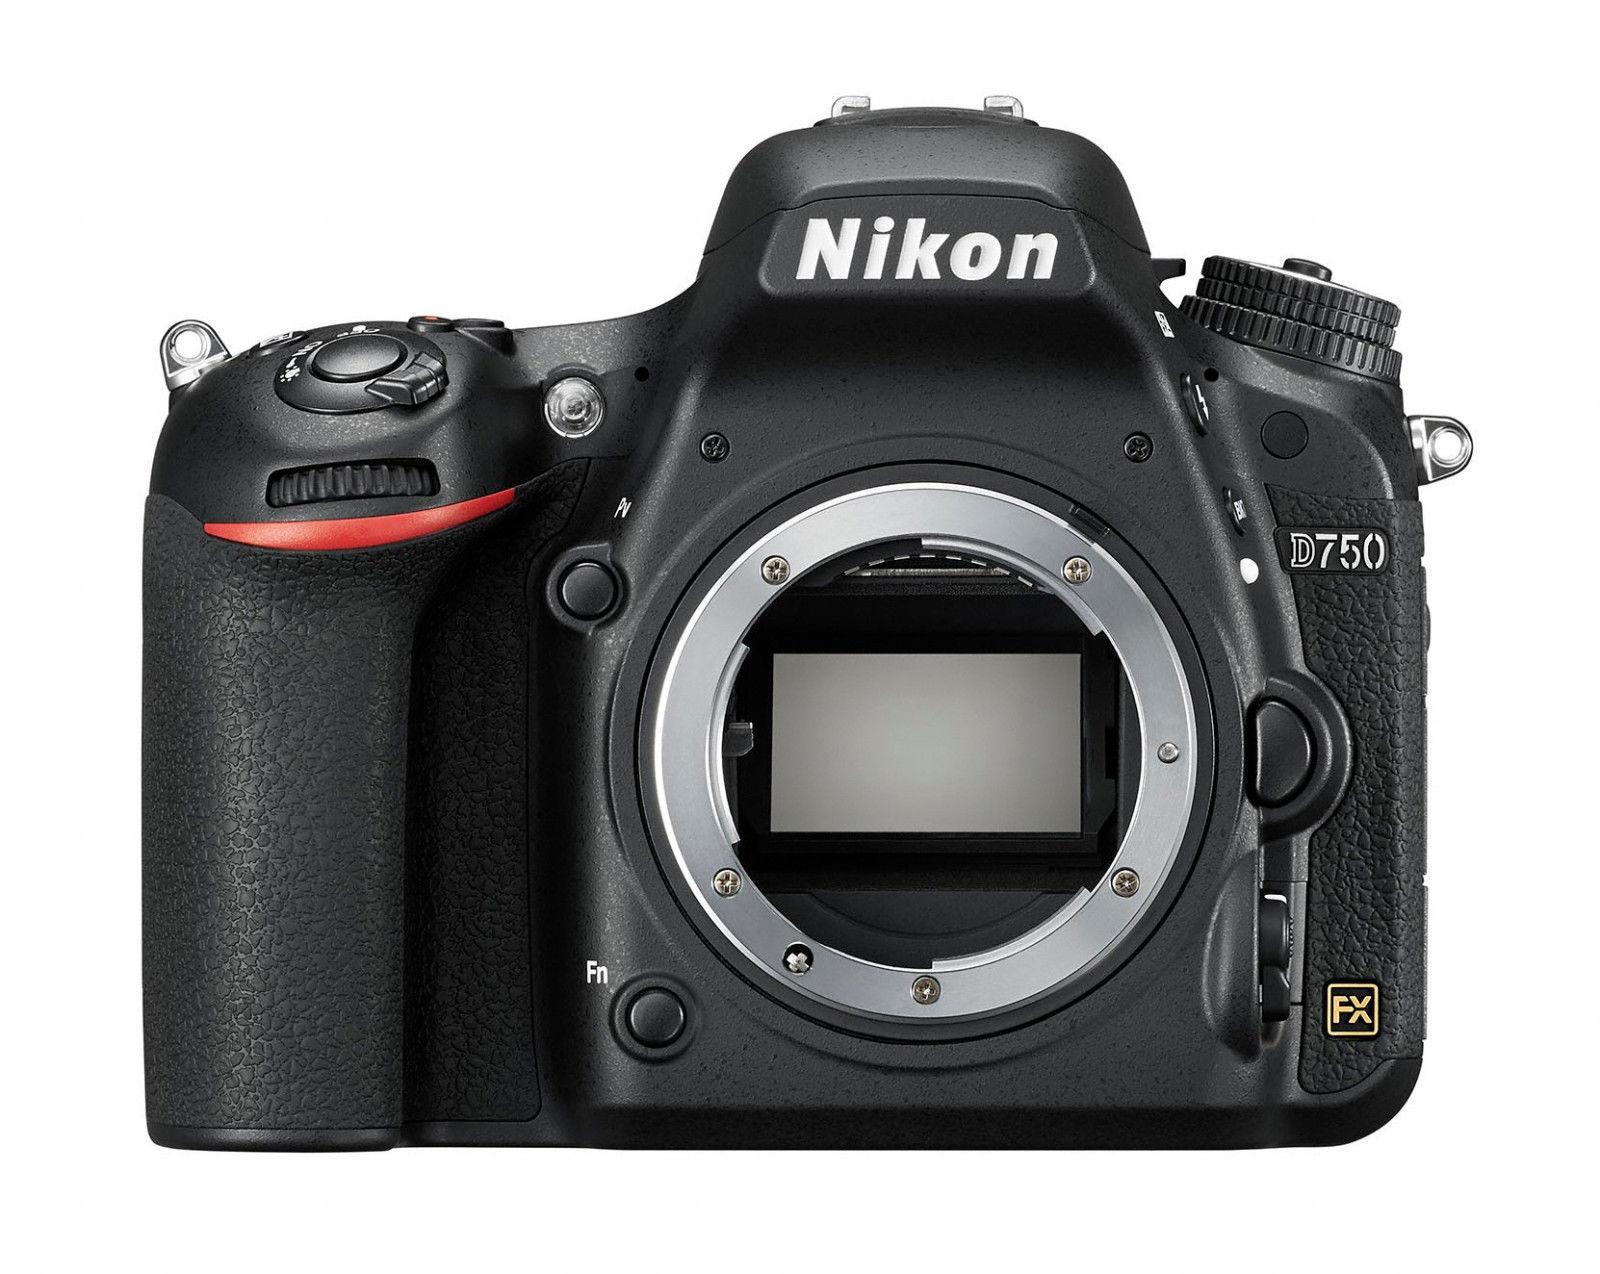 Spiegelreflexkamera Nikon D750 24.3 MP DSLR, GEHÄUSE, GEBRAUCHTWARE